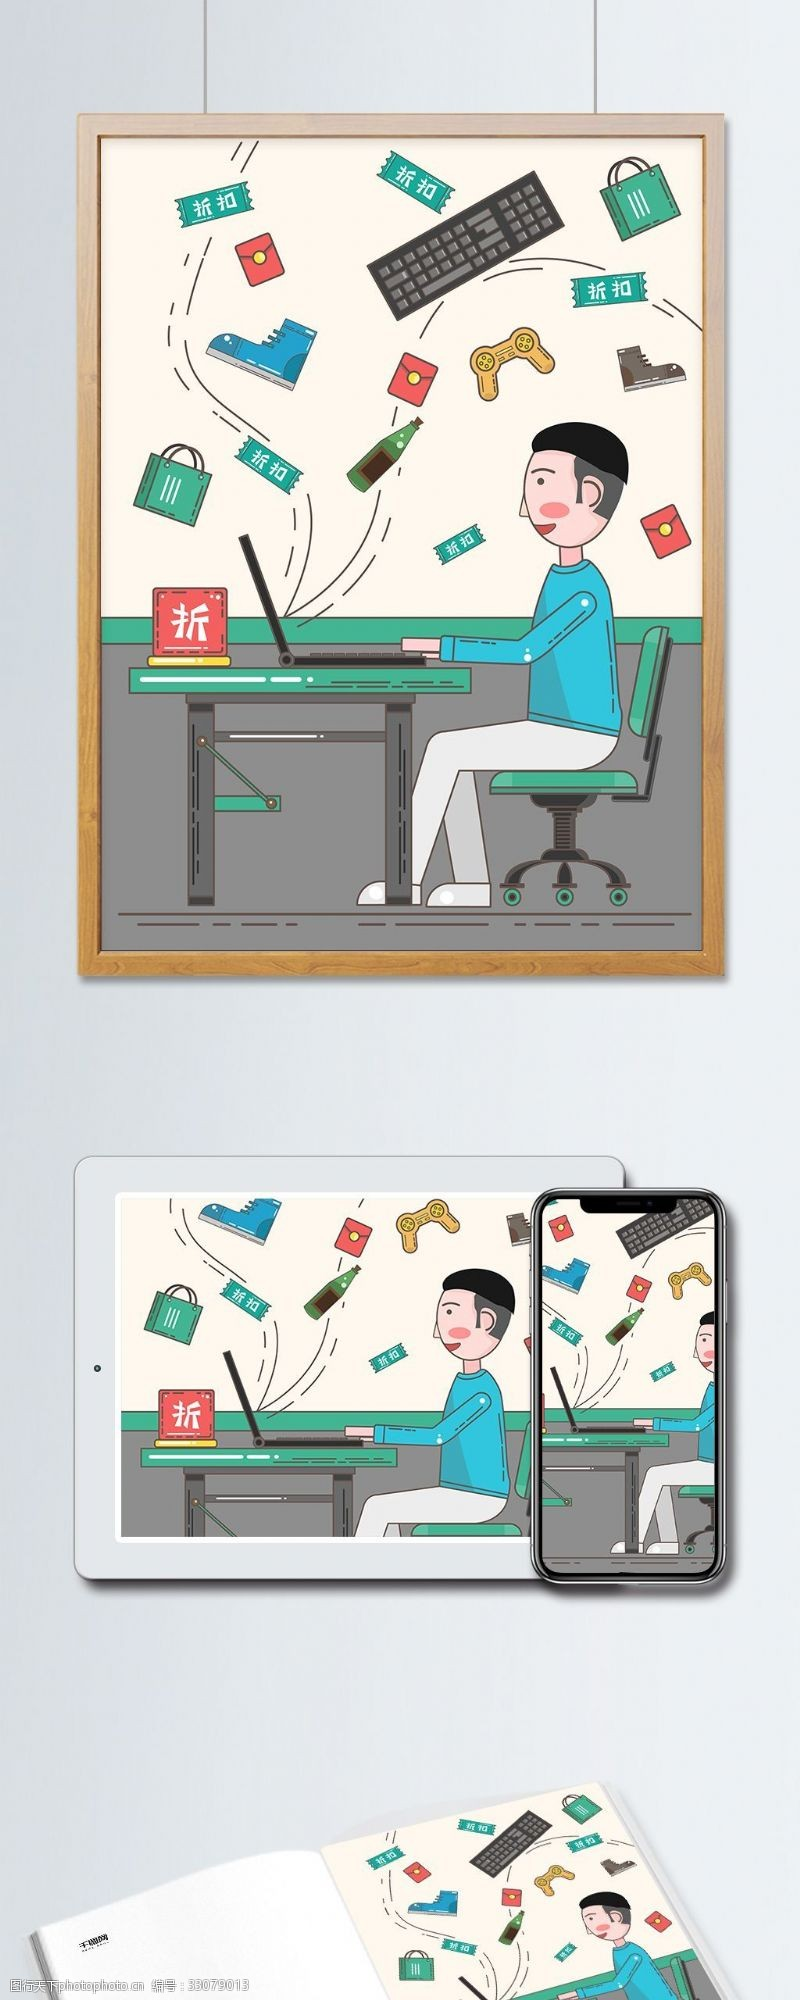 电商春季促销网?#20309;?#25171;折优惠红包矢量插画